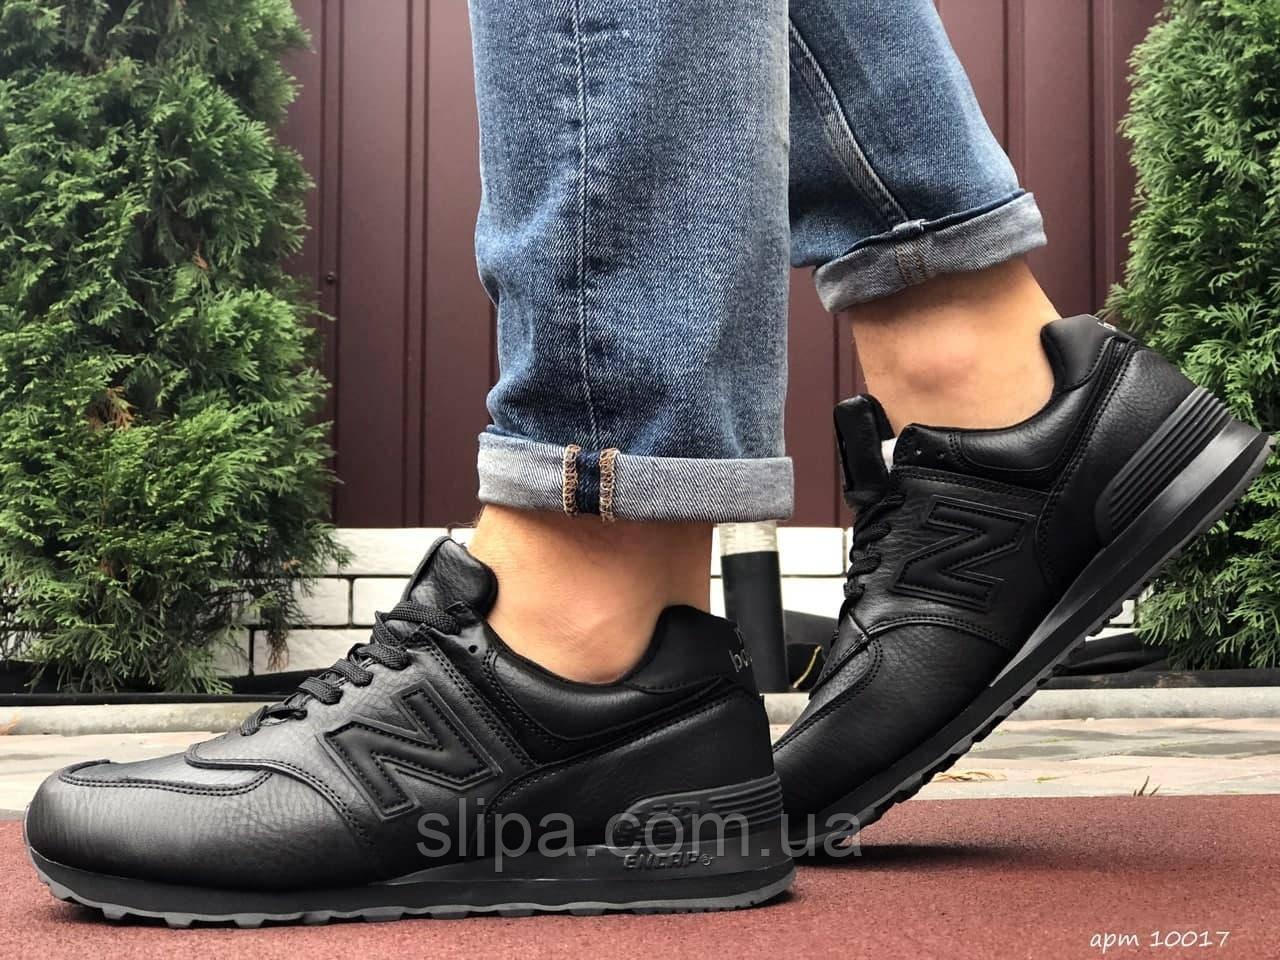 Мужские зимние кожаные кроссовки New Balance 574 чёрные